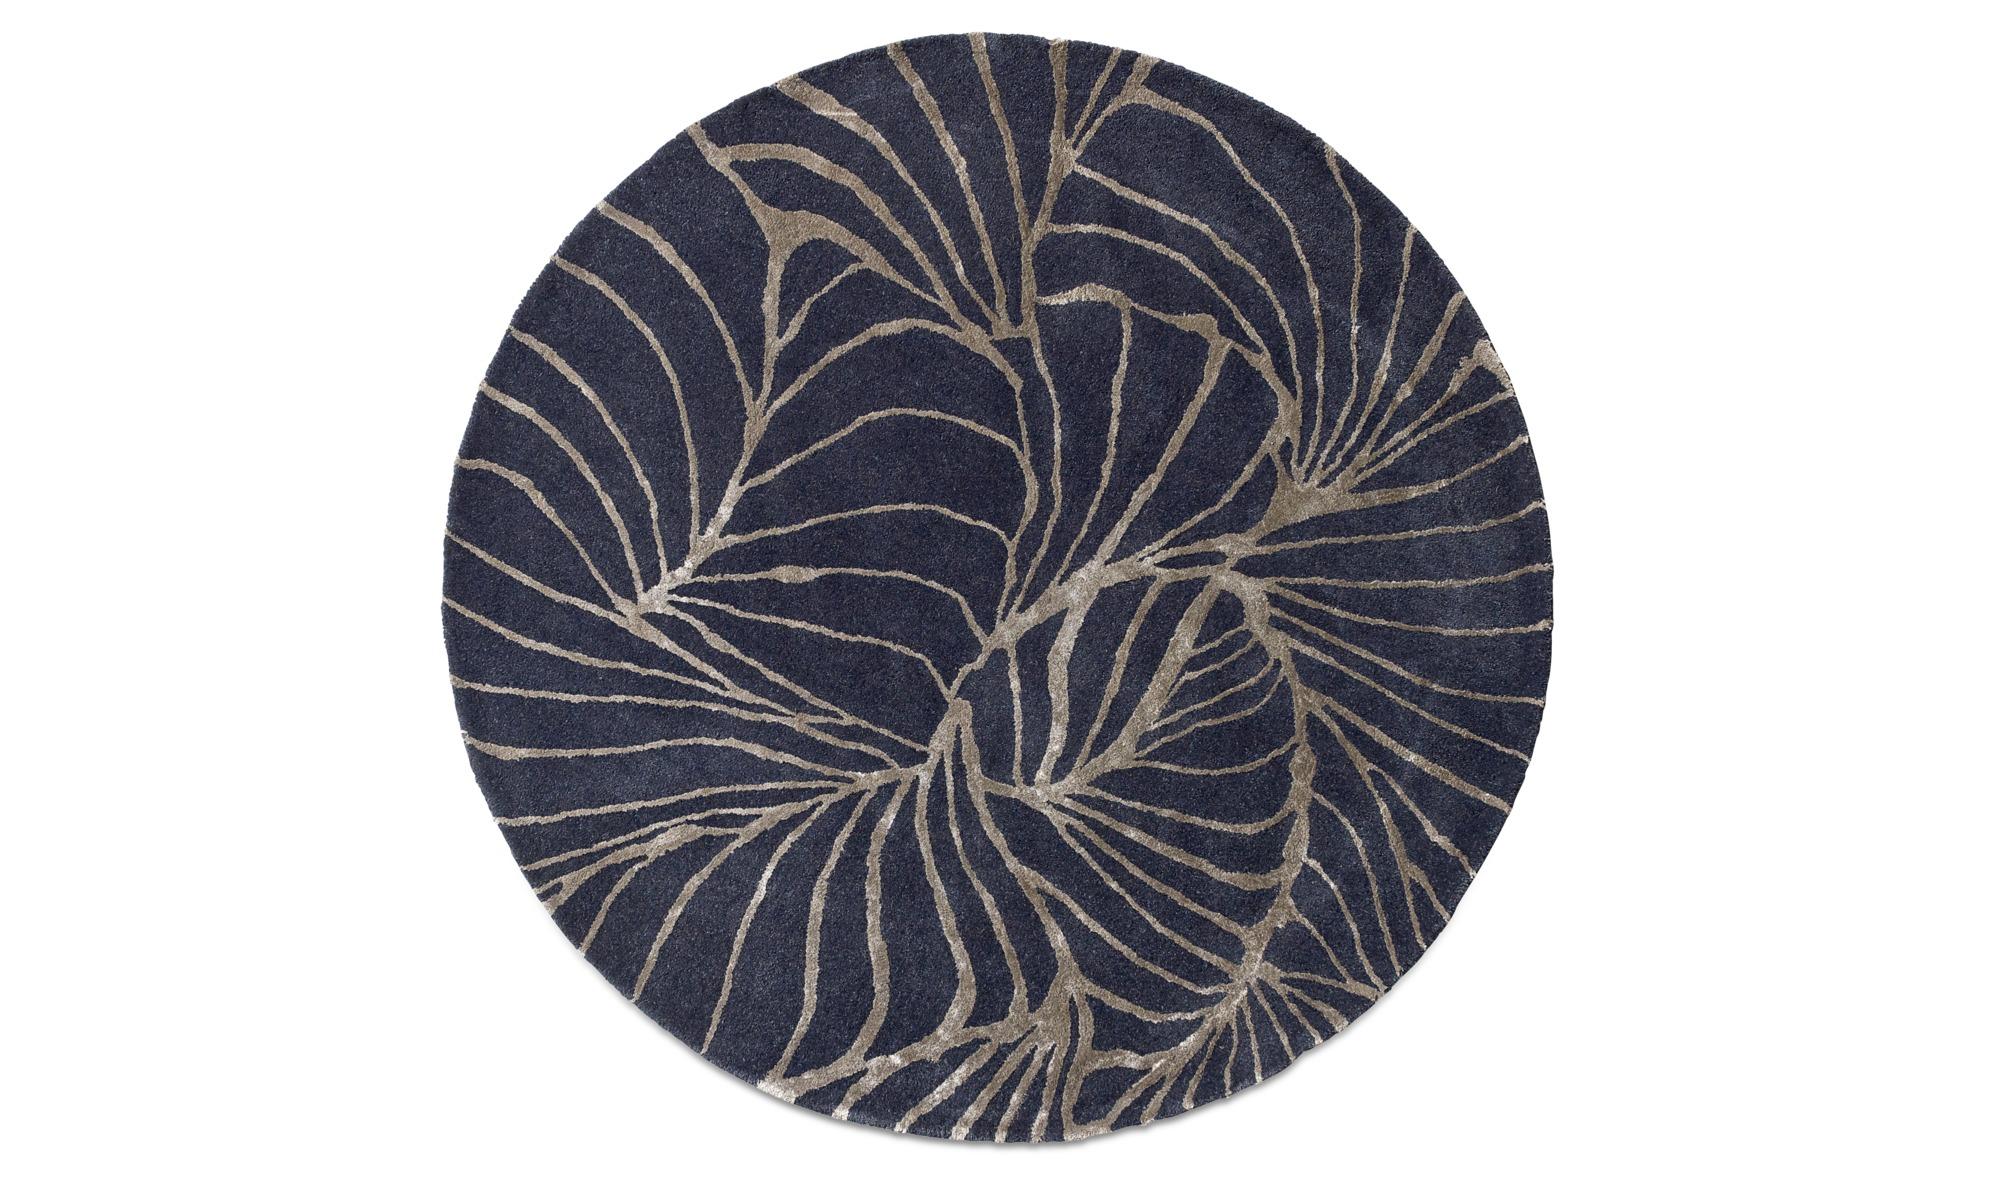 Runde Teppiche - Ankara Teppich - rund - Blau - Stoff